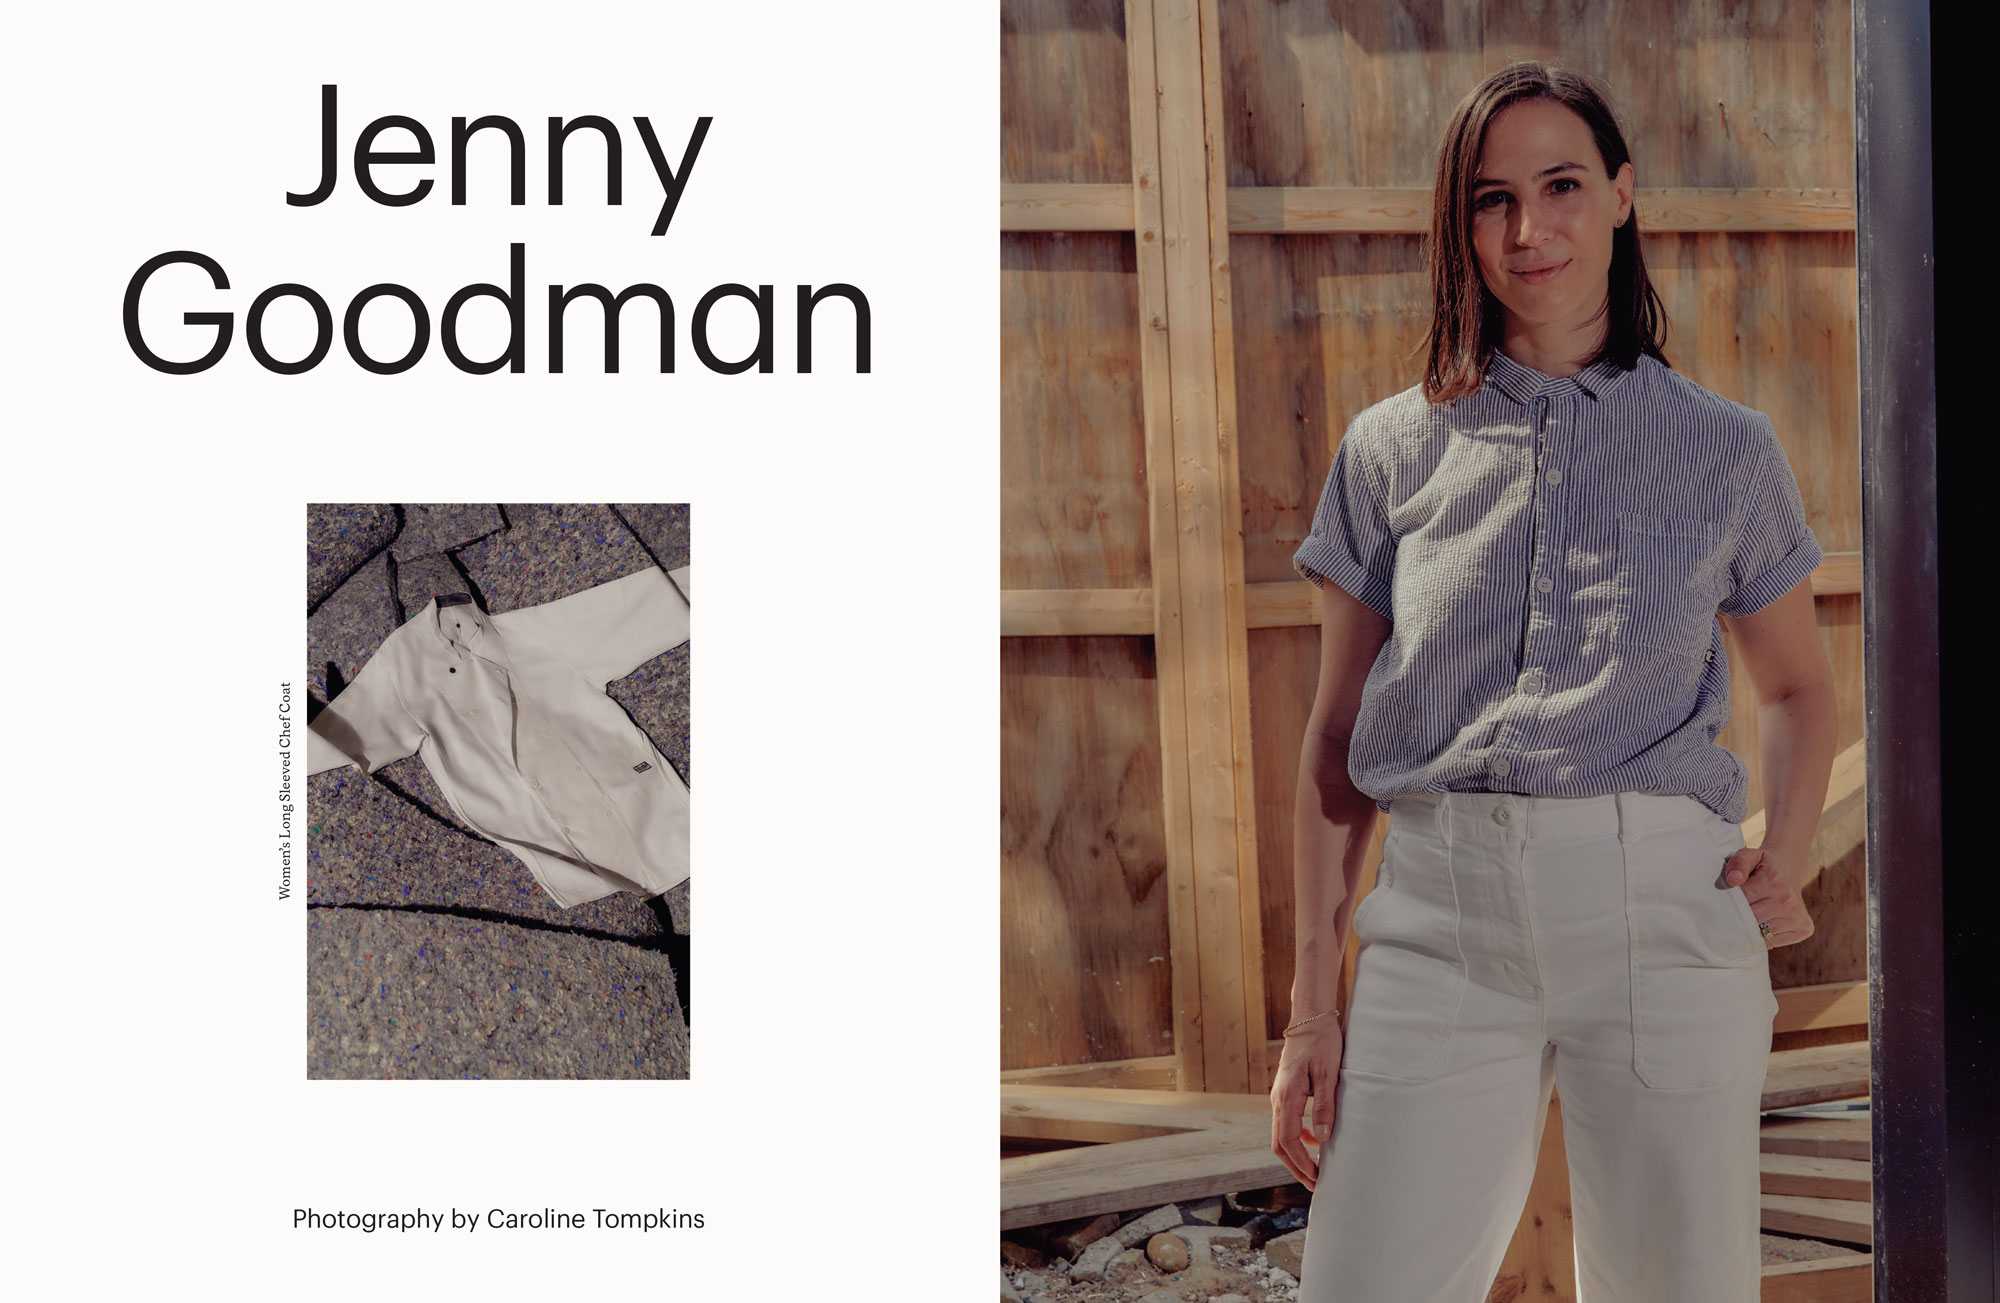 Jenny_Goodman_1.jpg